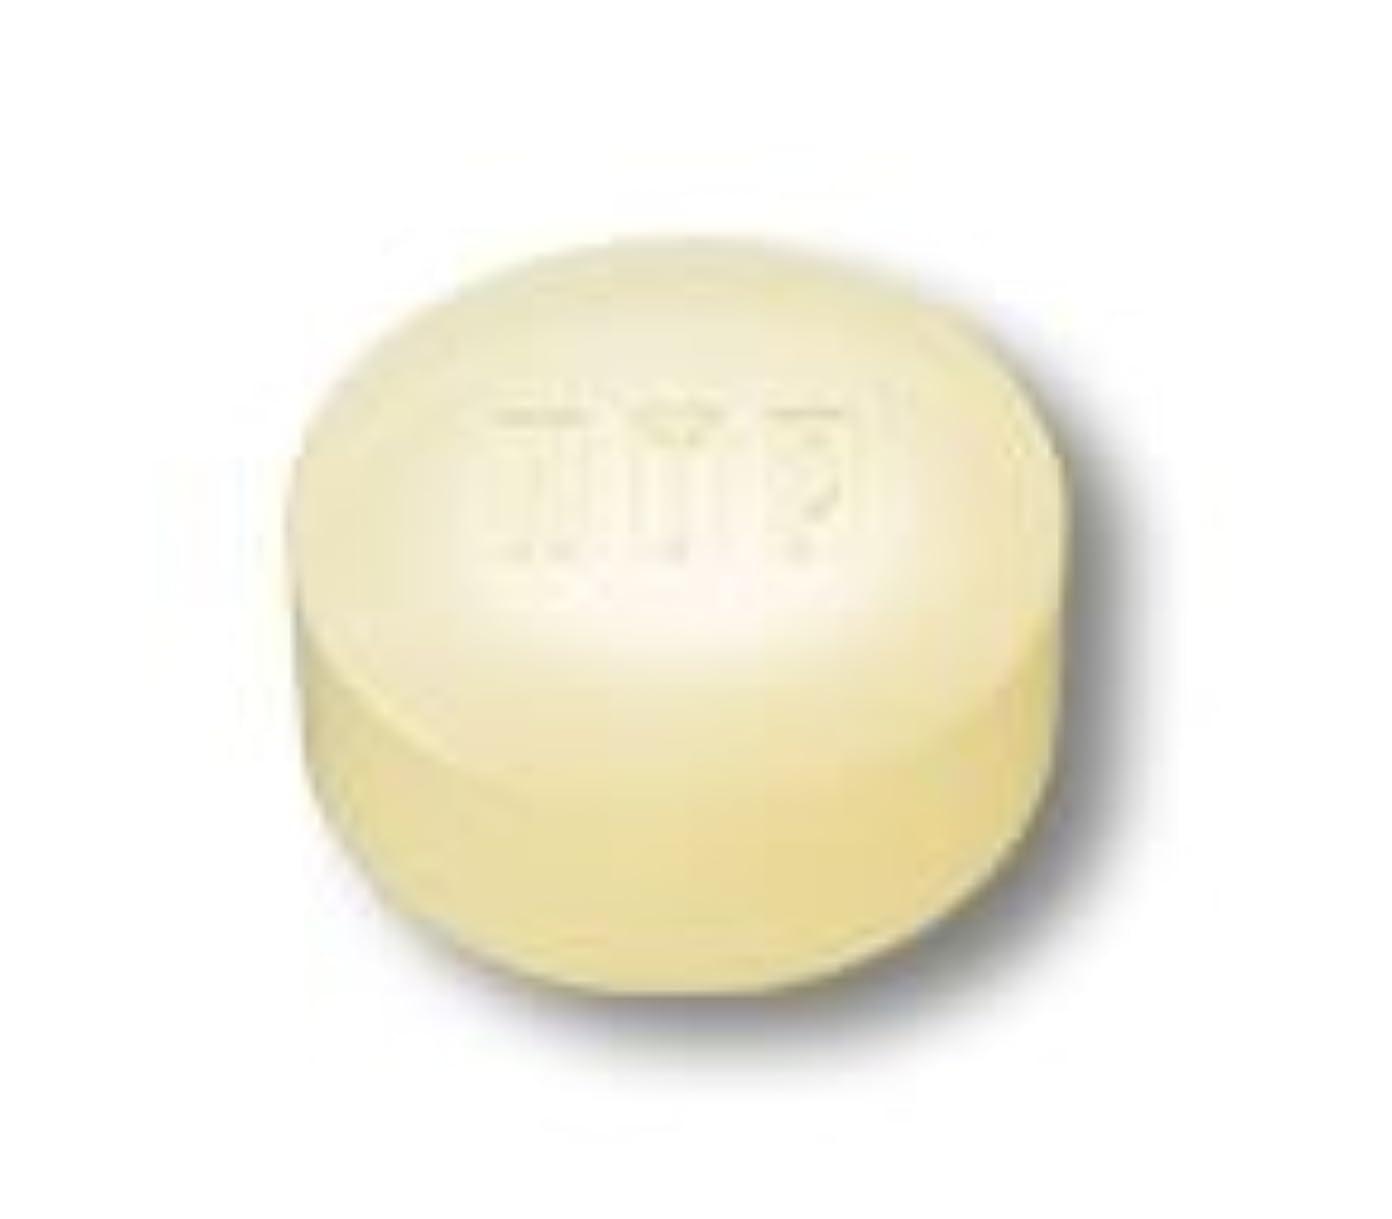 公然と偽装するタンパク質カシー化粧品 CATHY ATP ソープ 100g